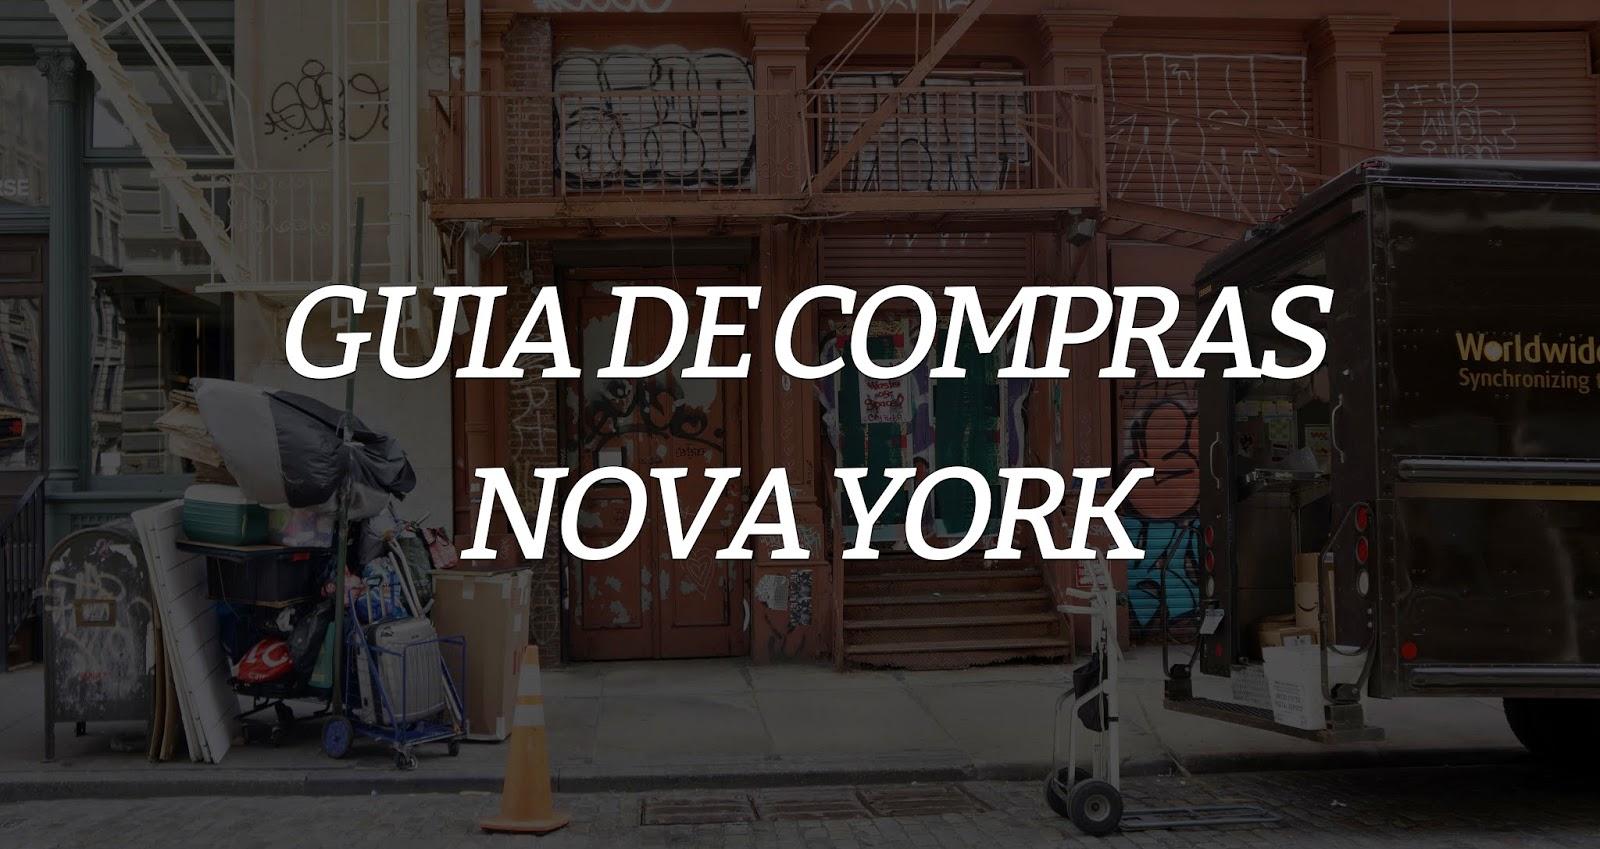 Guia de compras: Nova Iorque (Parte 1)